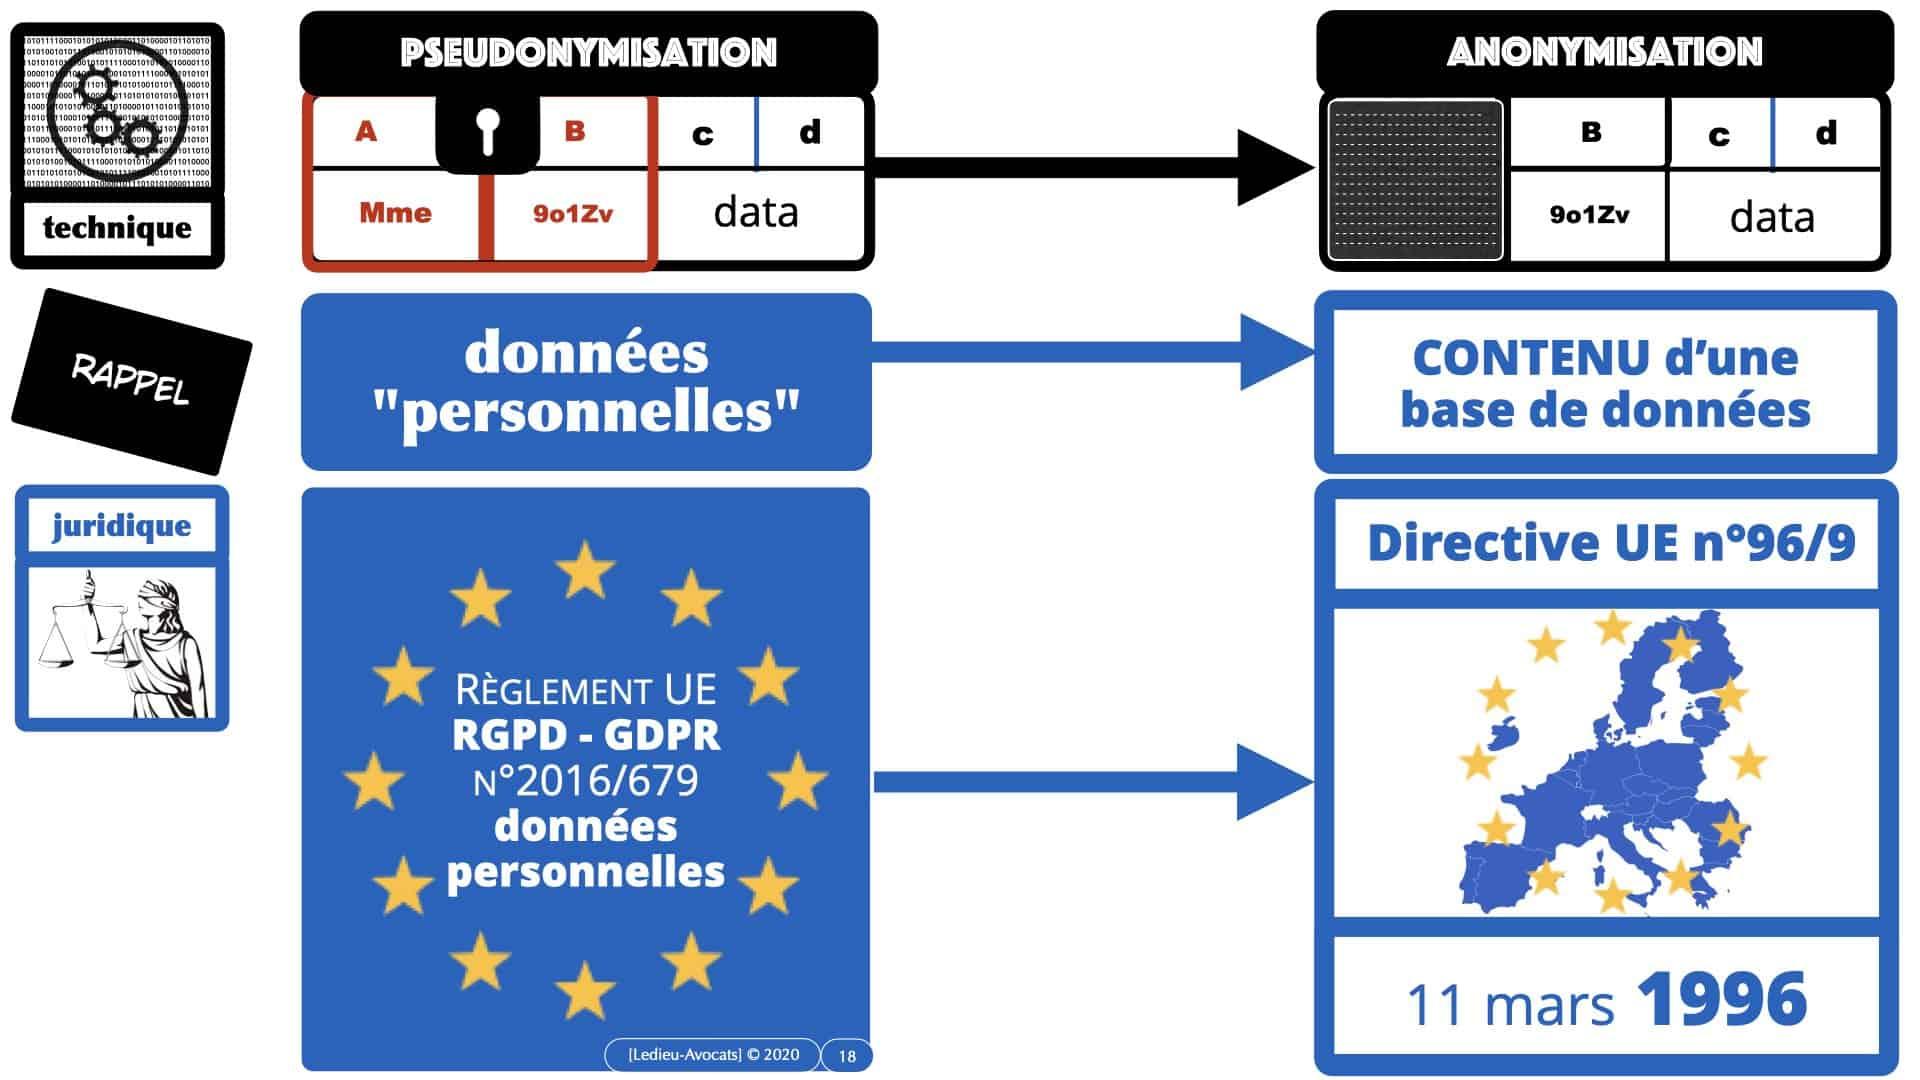 pseudonymisation données ACTUAIRES *16:9* © Ledieu-Avocats 06-11-2020.018